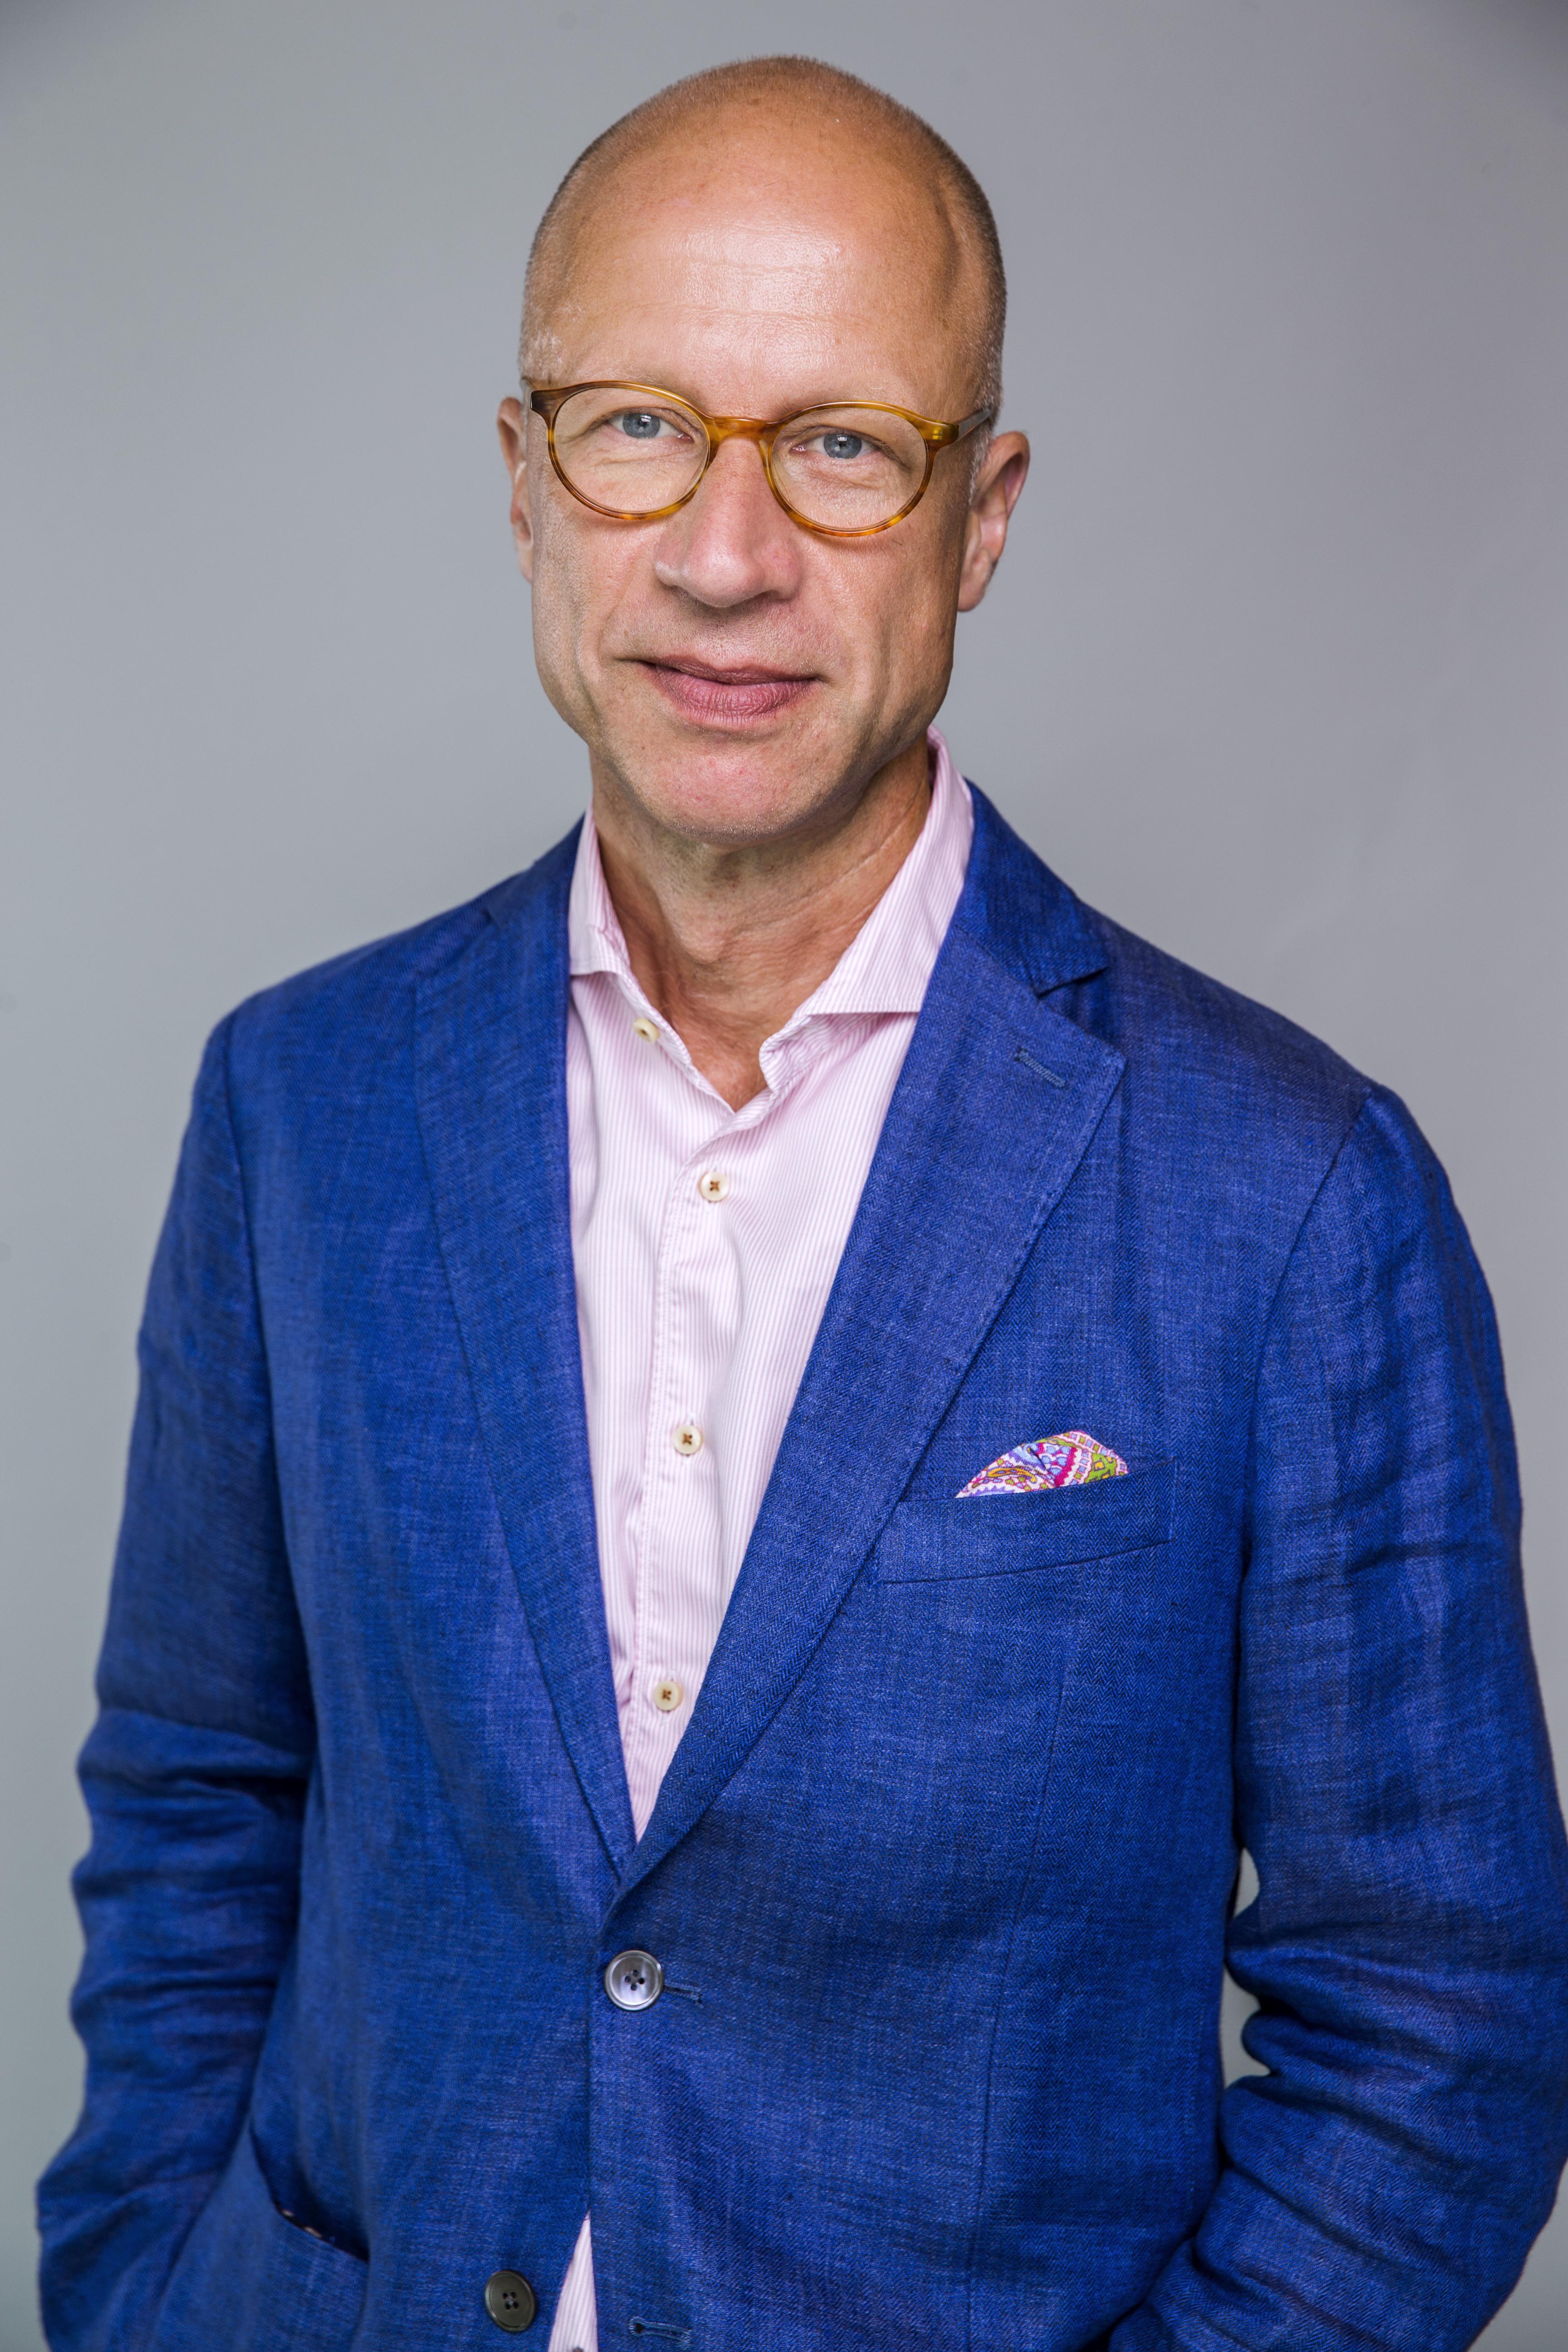 Lars Schmidtmann